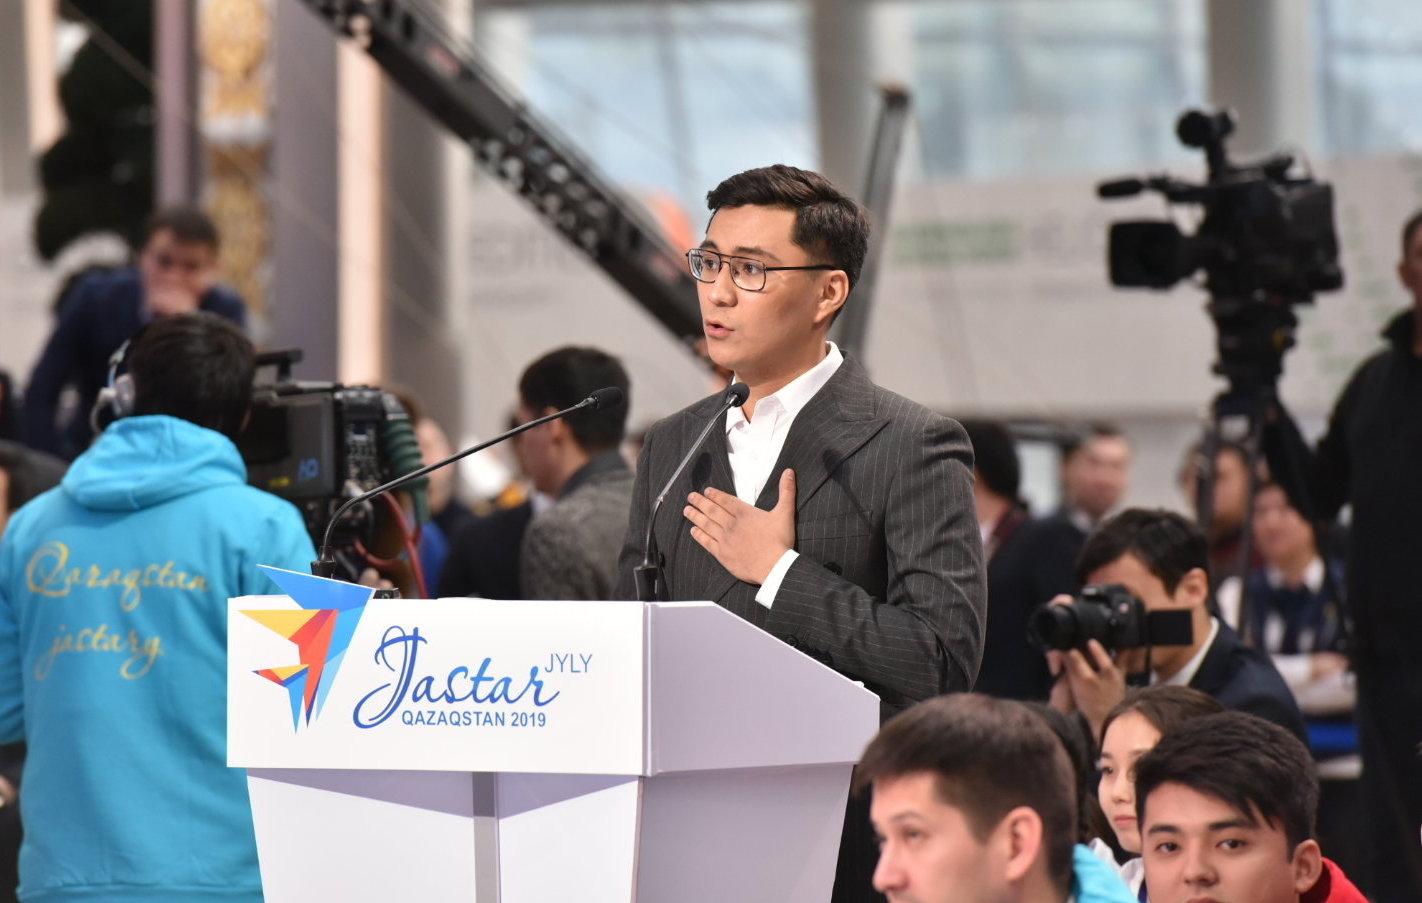 Расул Абдуллаев на торжественной церемонии открытия Года молодежи Тәуелсіздіктің ұрпақтары